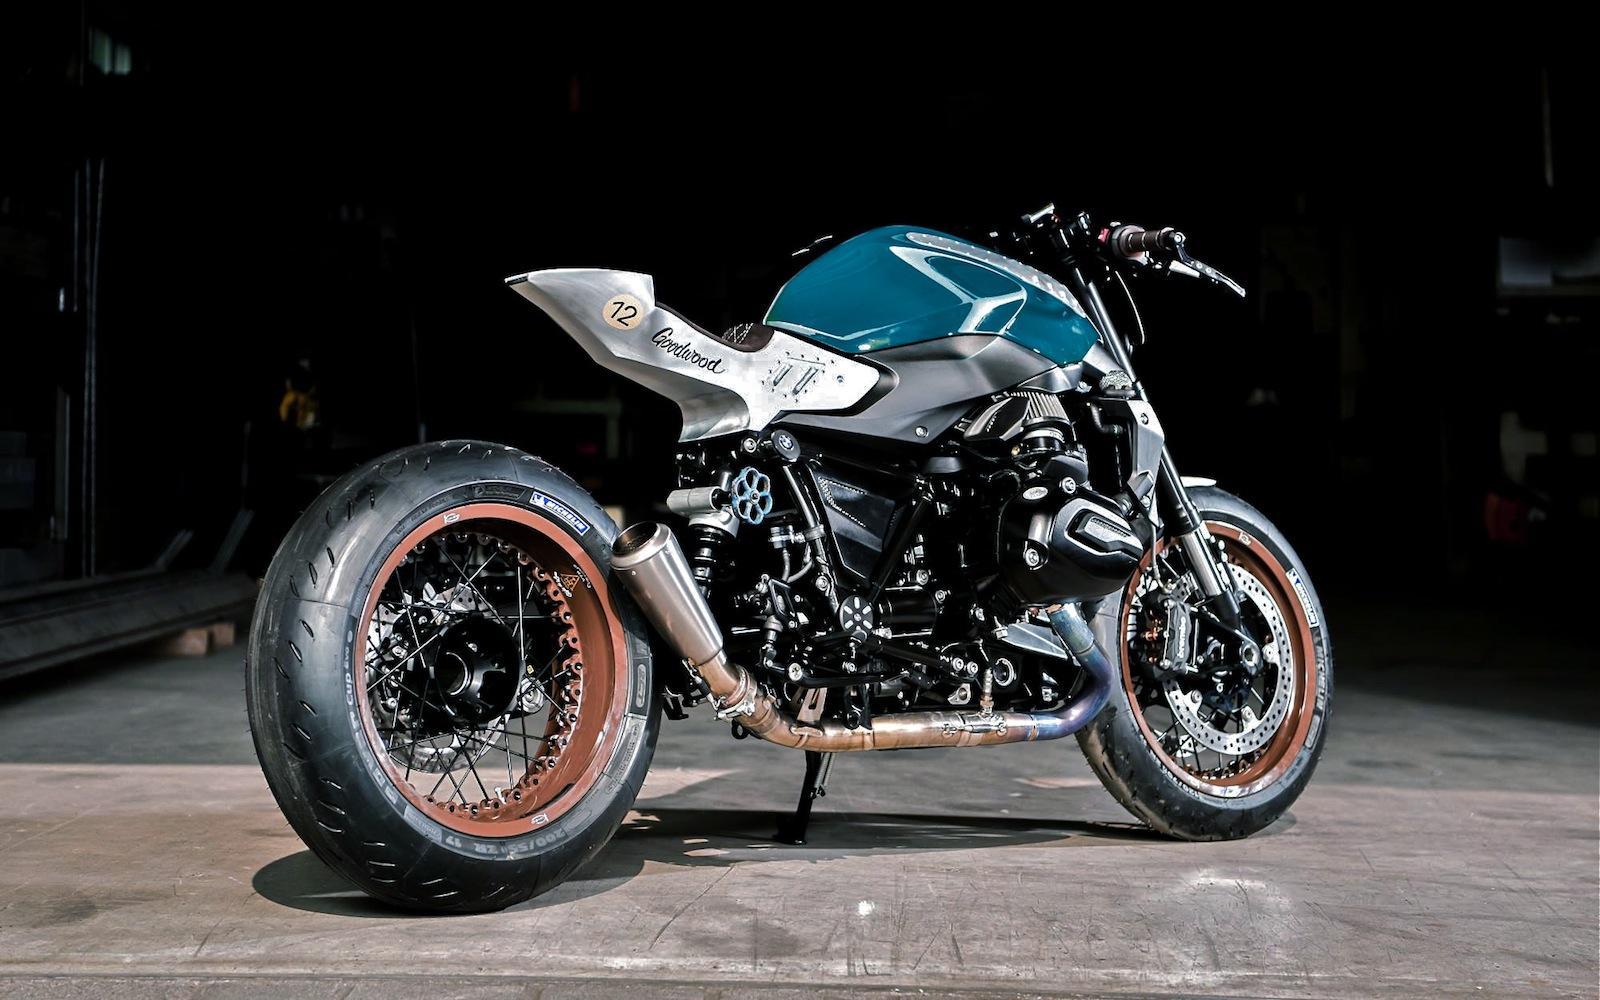 Bmw R1200r Goodwood 12 Motorrad Fotos Amp Motorrad Bilder